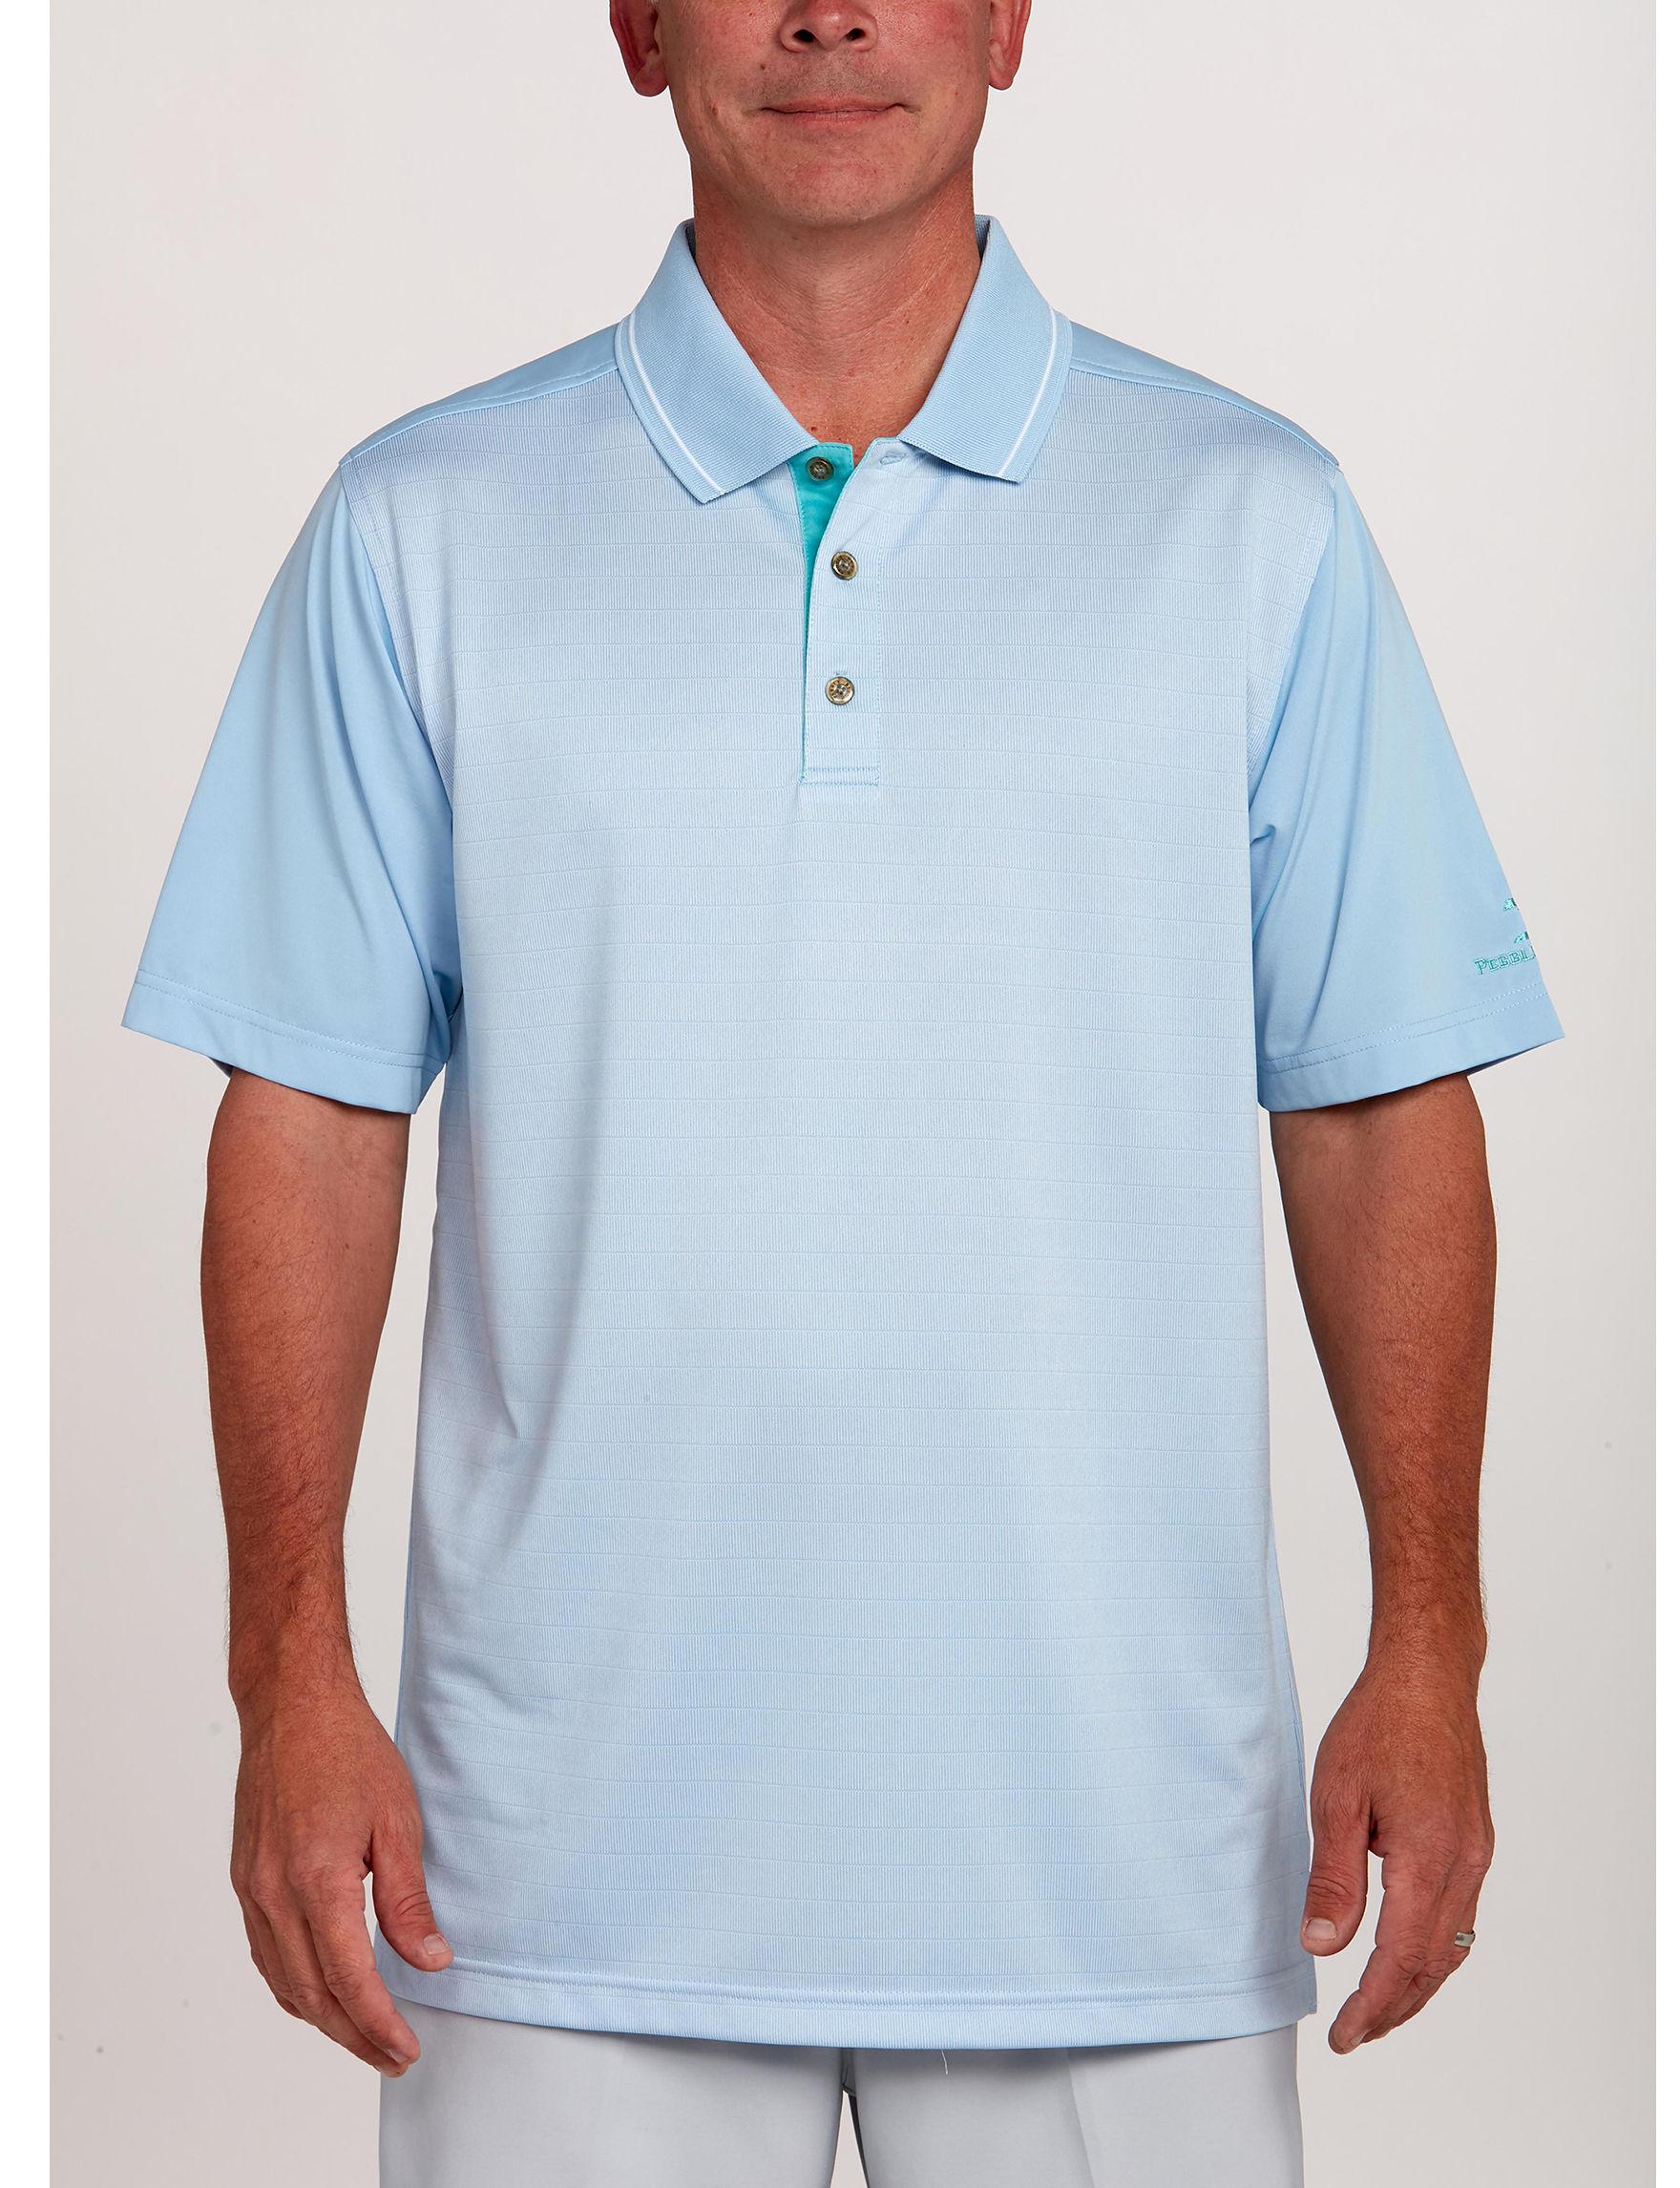 Pebble Beach Blue Polos